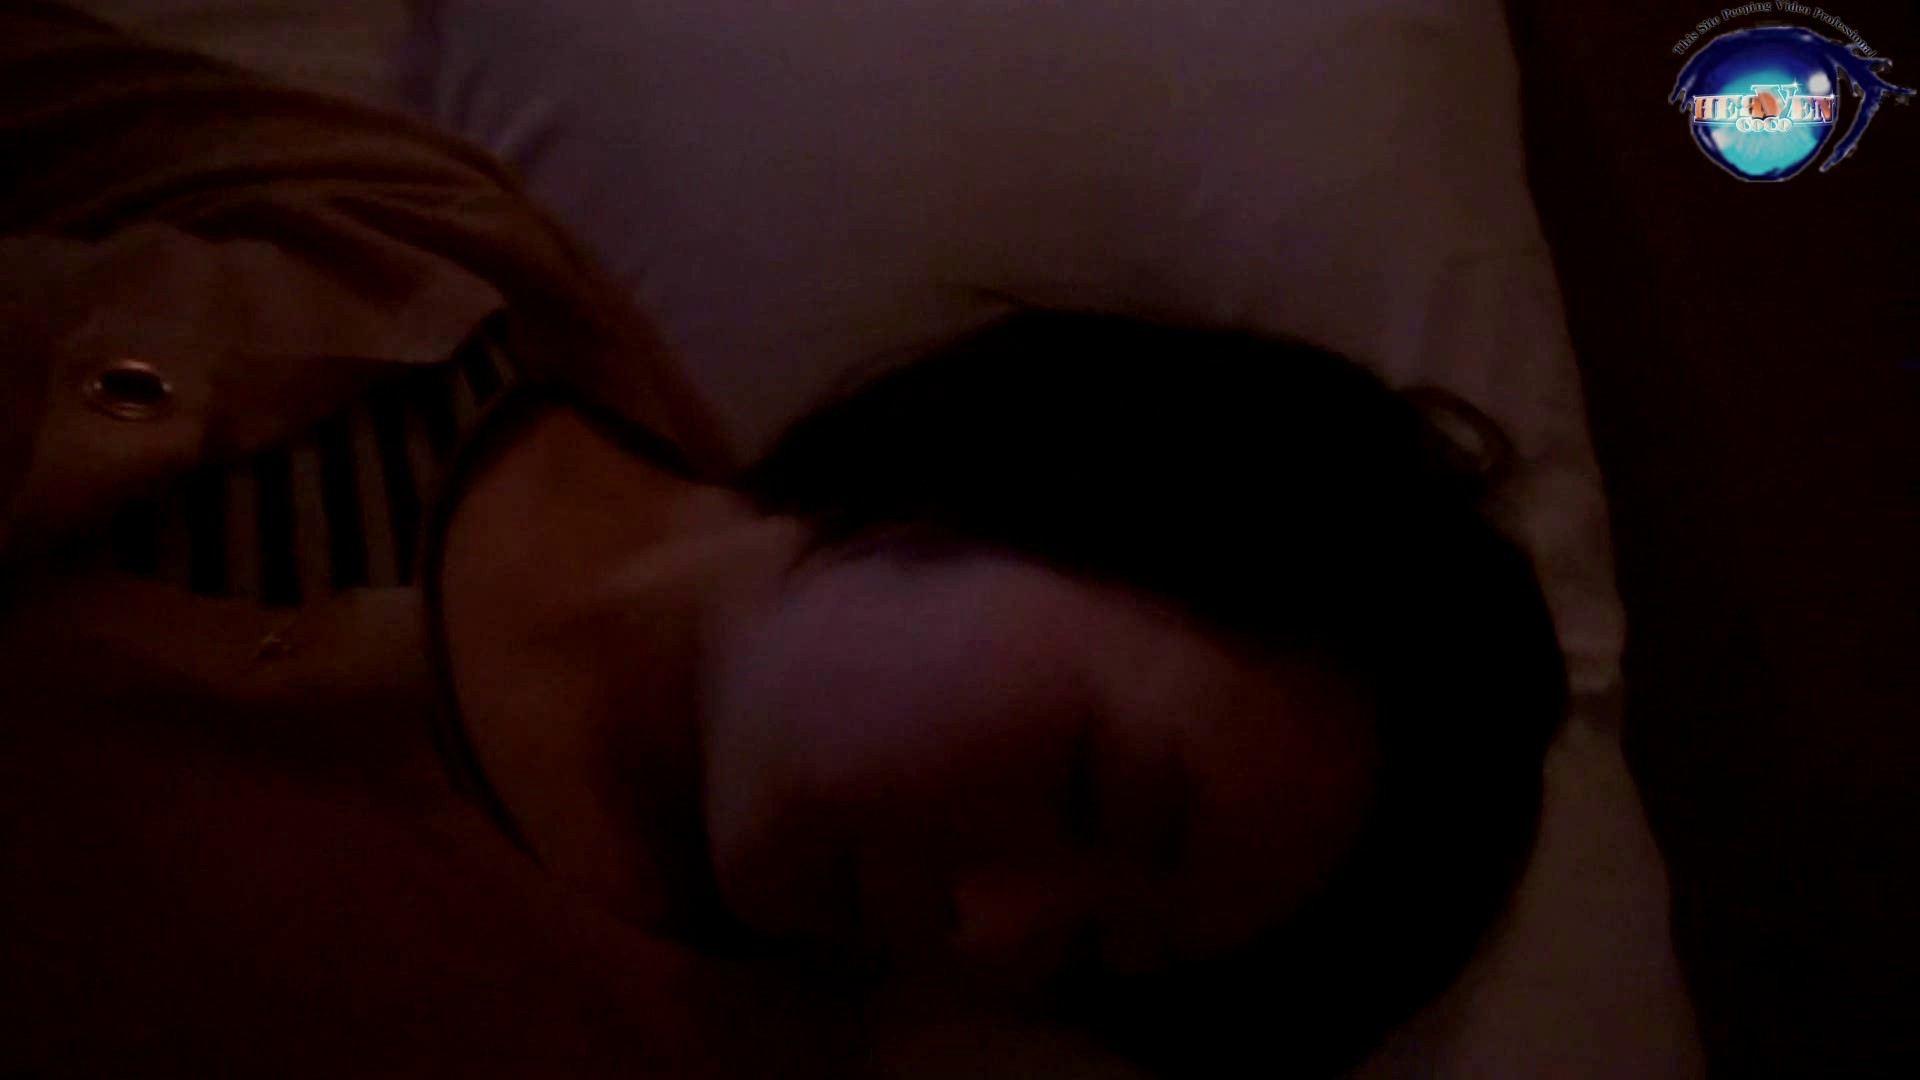 睡魔 シュウライ 第参壱話 前半 女子大生のエロ動画  94PIX 38